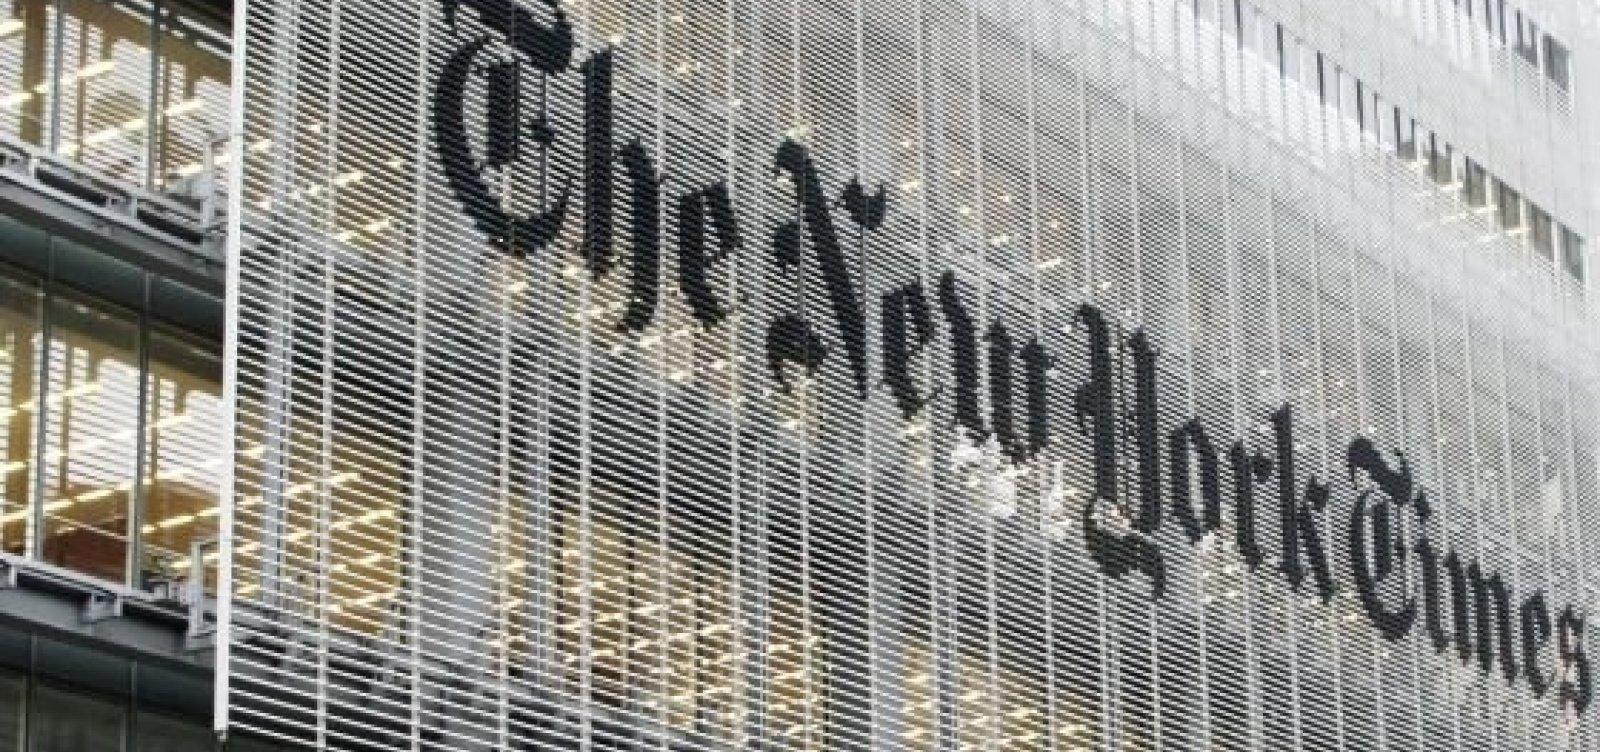 New York Times diz que escolha de Bolsonaro 'é um triste dia para a democracia'